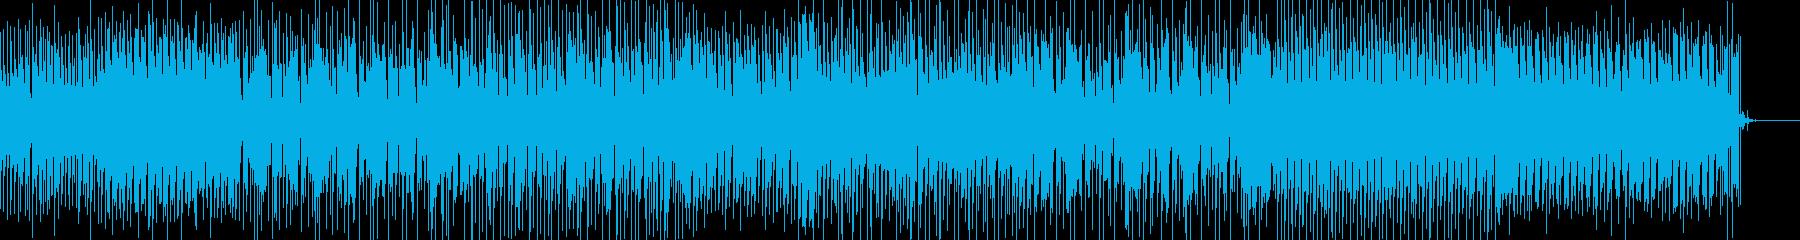 オリエンタルな響きのダブステップBGMの再生済みの波形